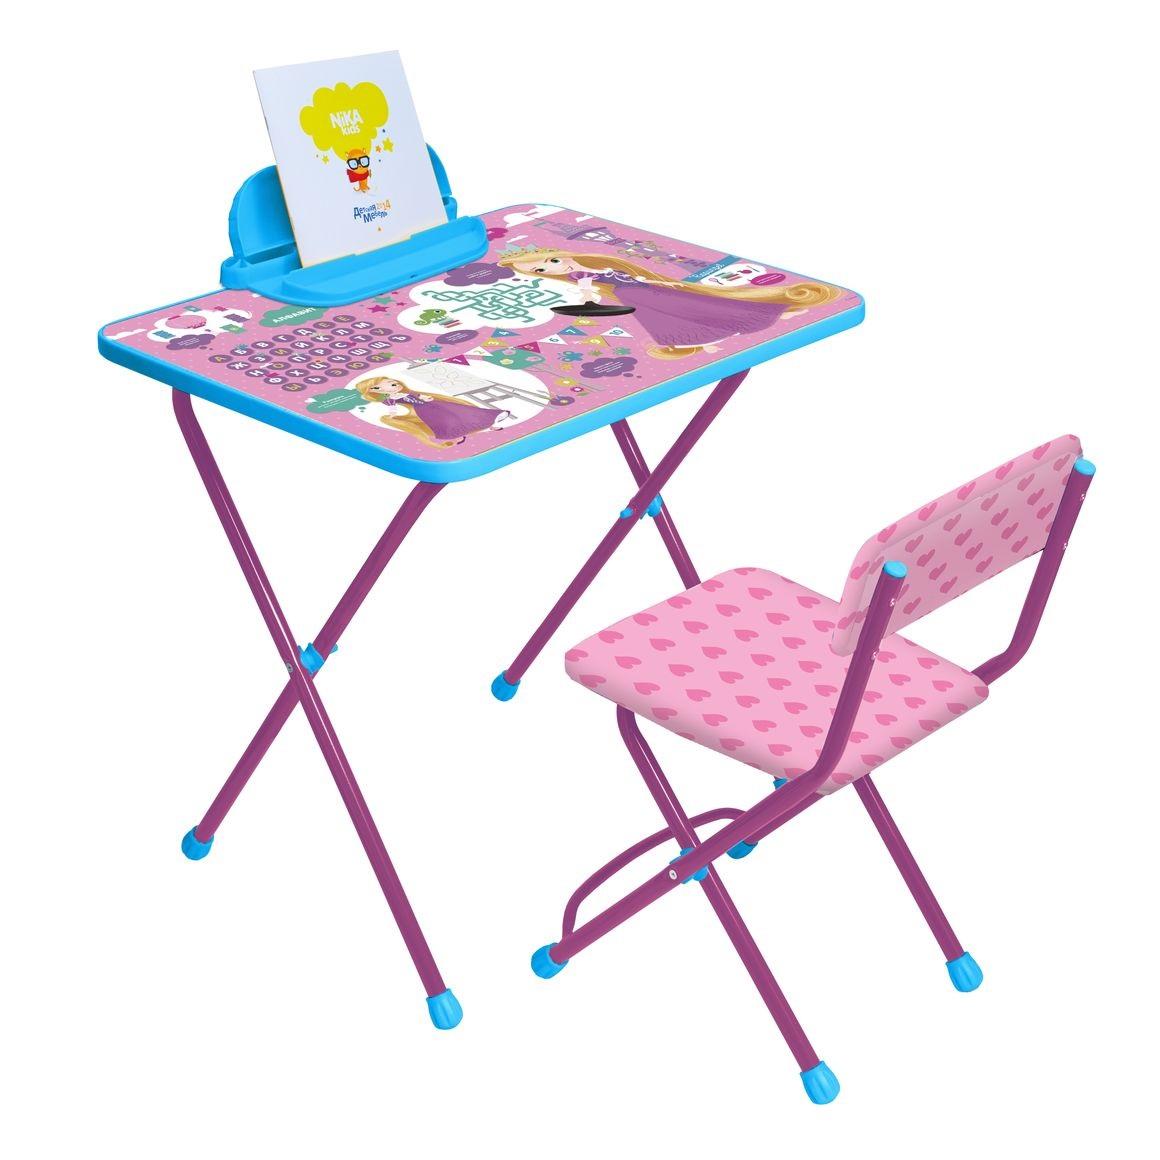 Набор детской мебели в стиле РапунцельИгровые столы и стулья<br>Набор детской мебели в стиле Рапунцель<br>